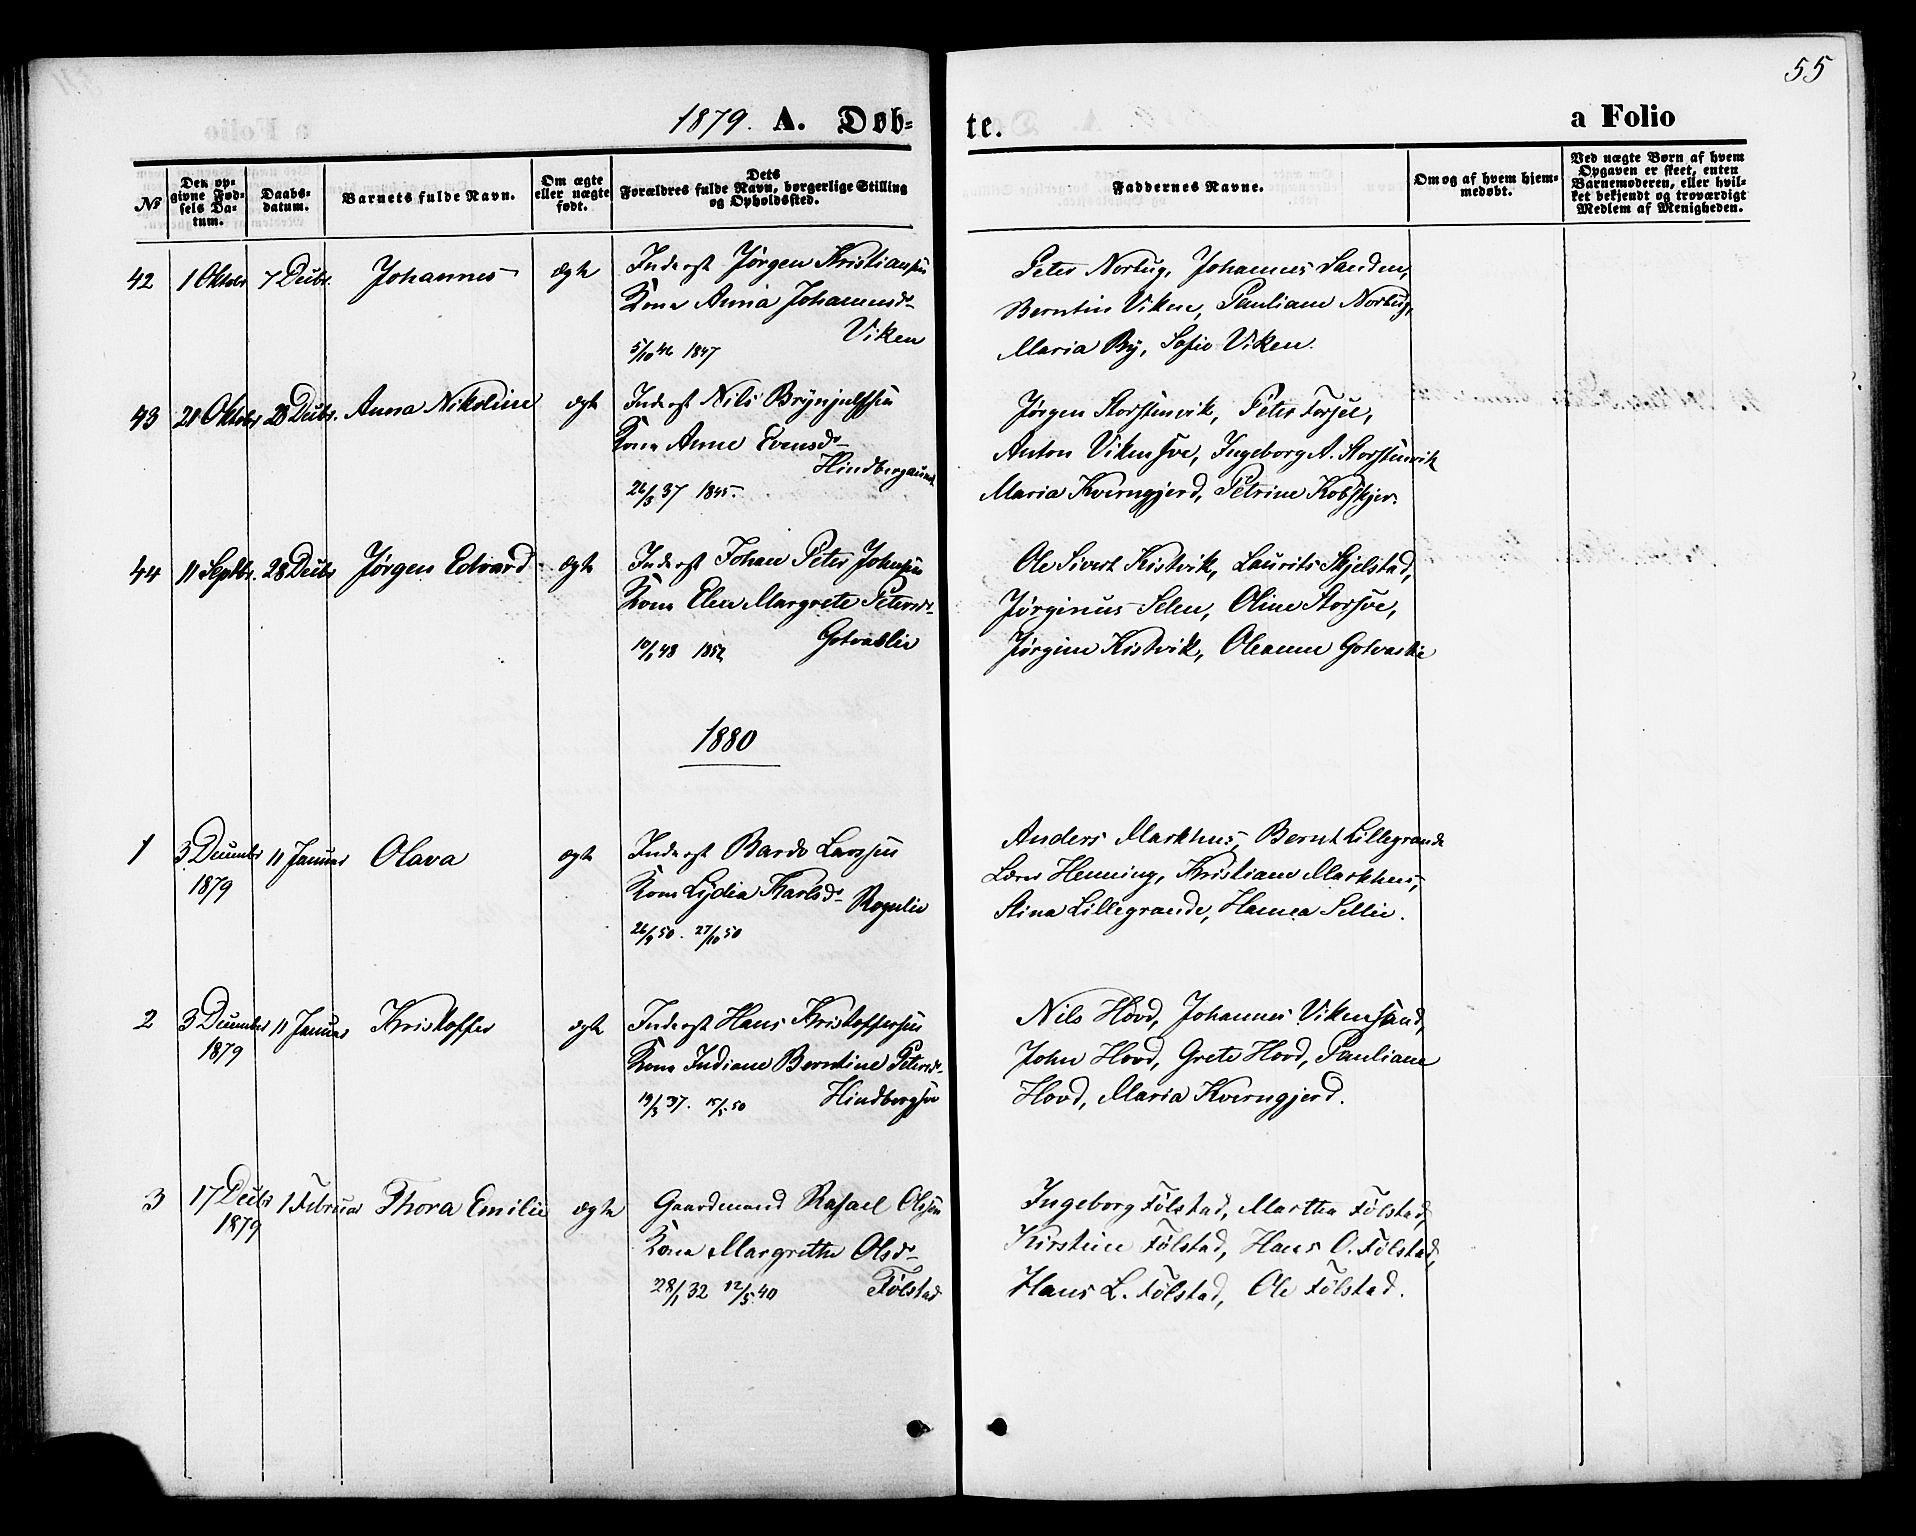 SAT, Ministerialprotokoller, klokkerbøker og fødselsregistre - Nord-Trøndelag, 744/L0419: Ministerialbok nr. 744A03, 1867-1881, s. 55